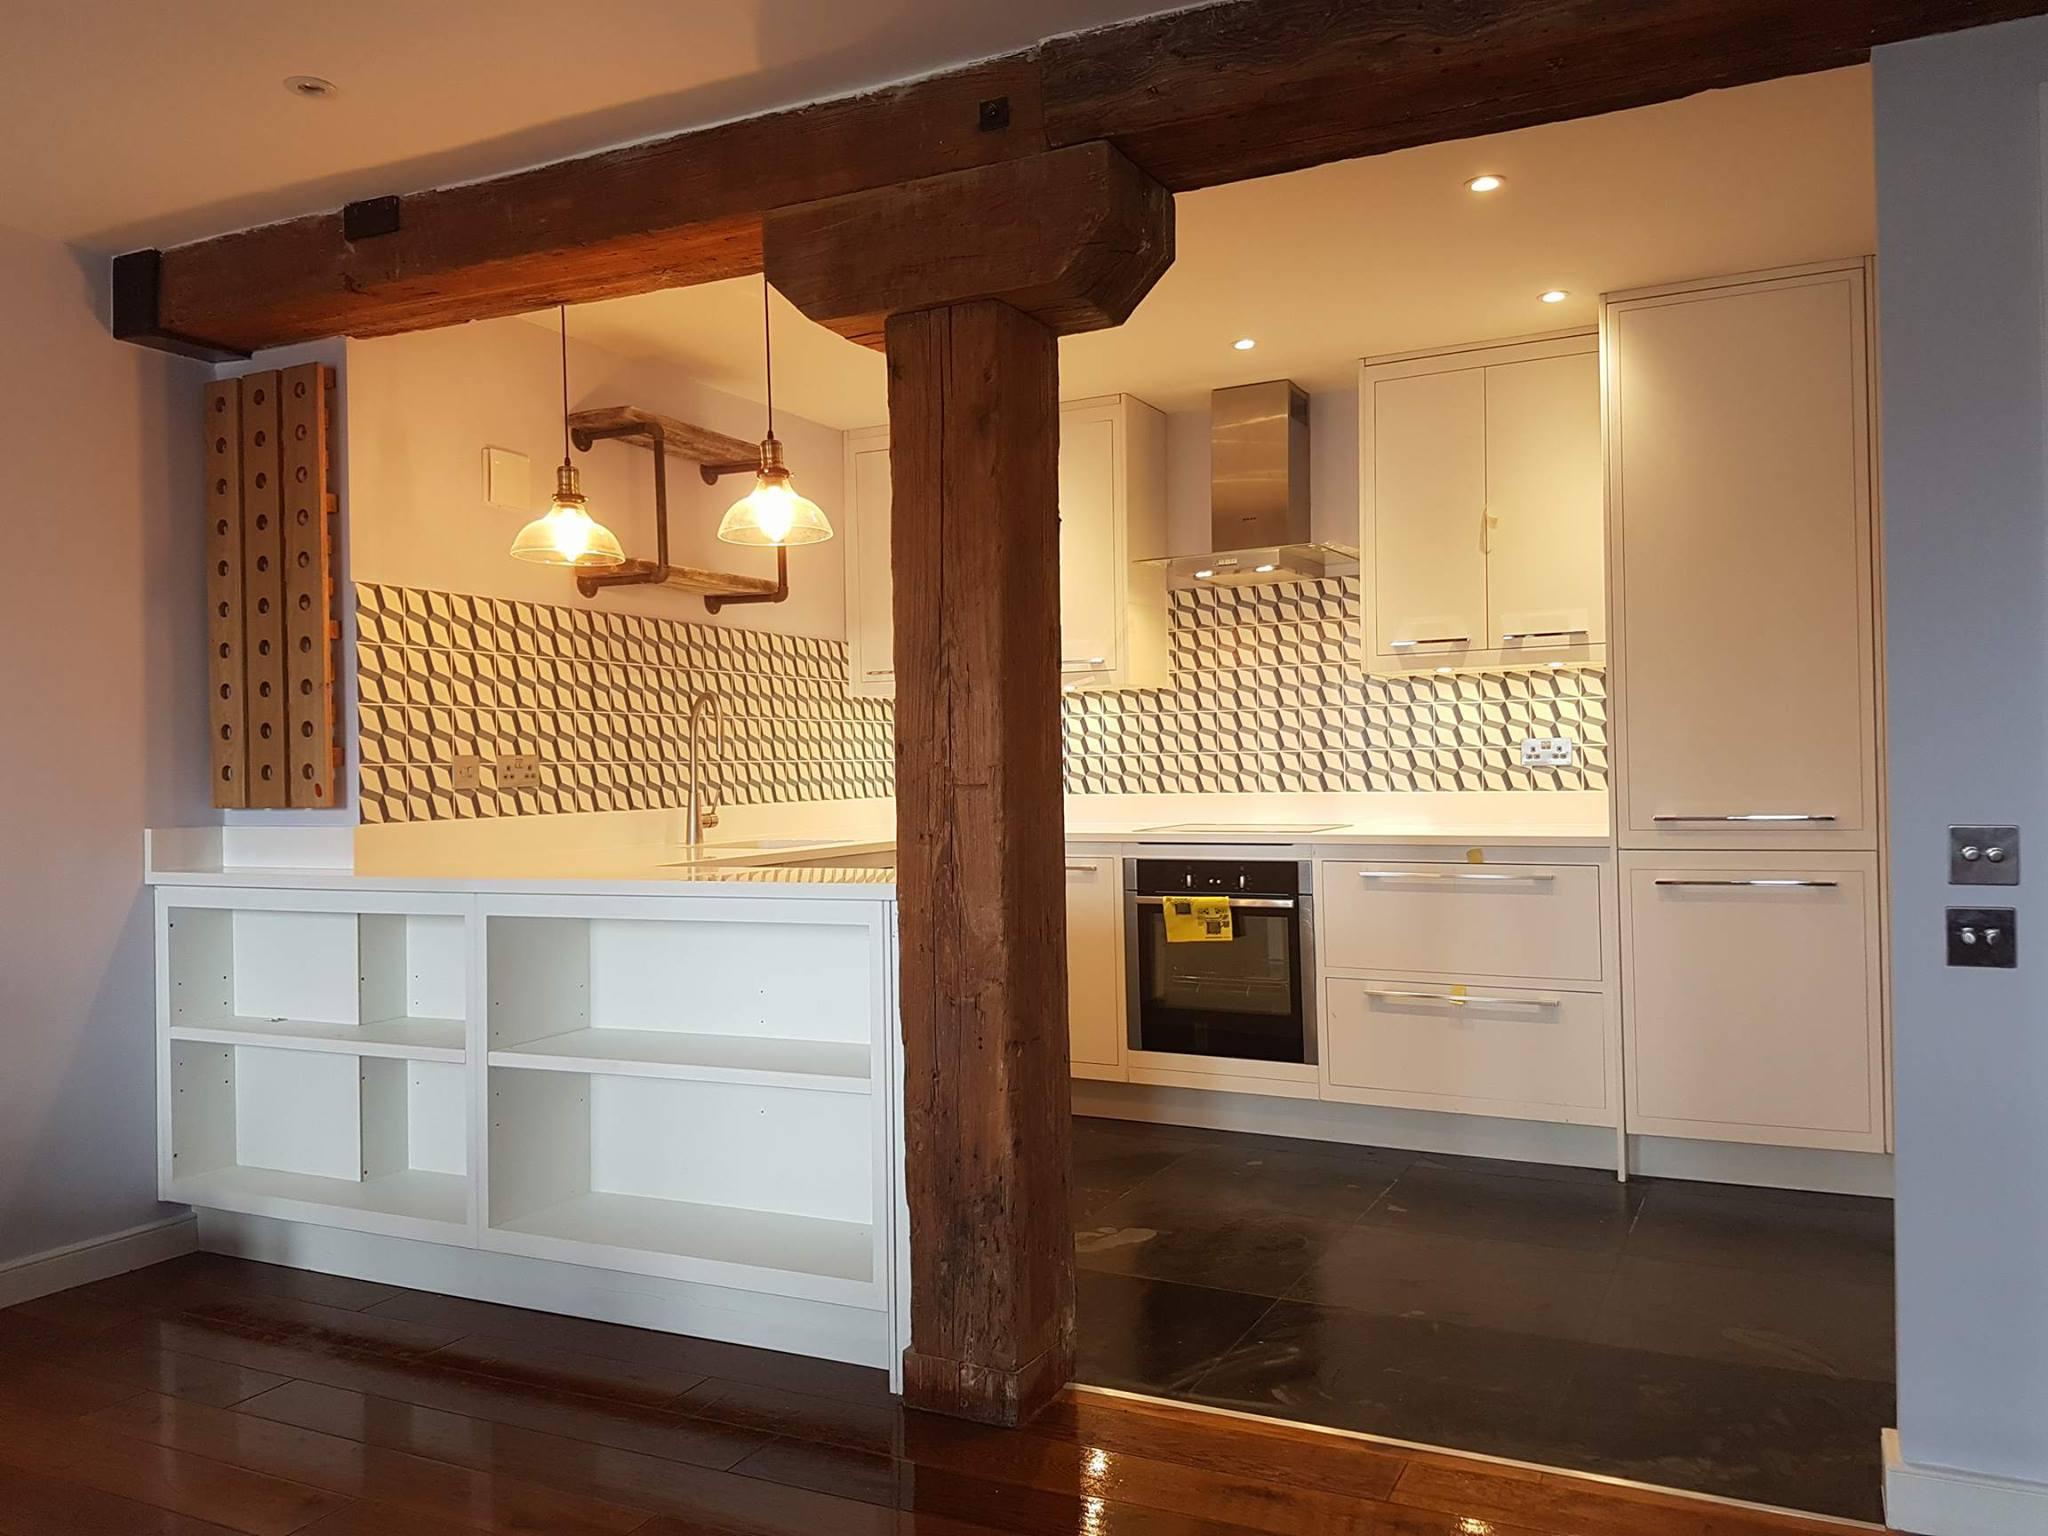 Kitchen-Fitting-Tower-Bridge-11